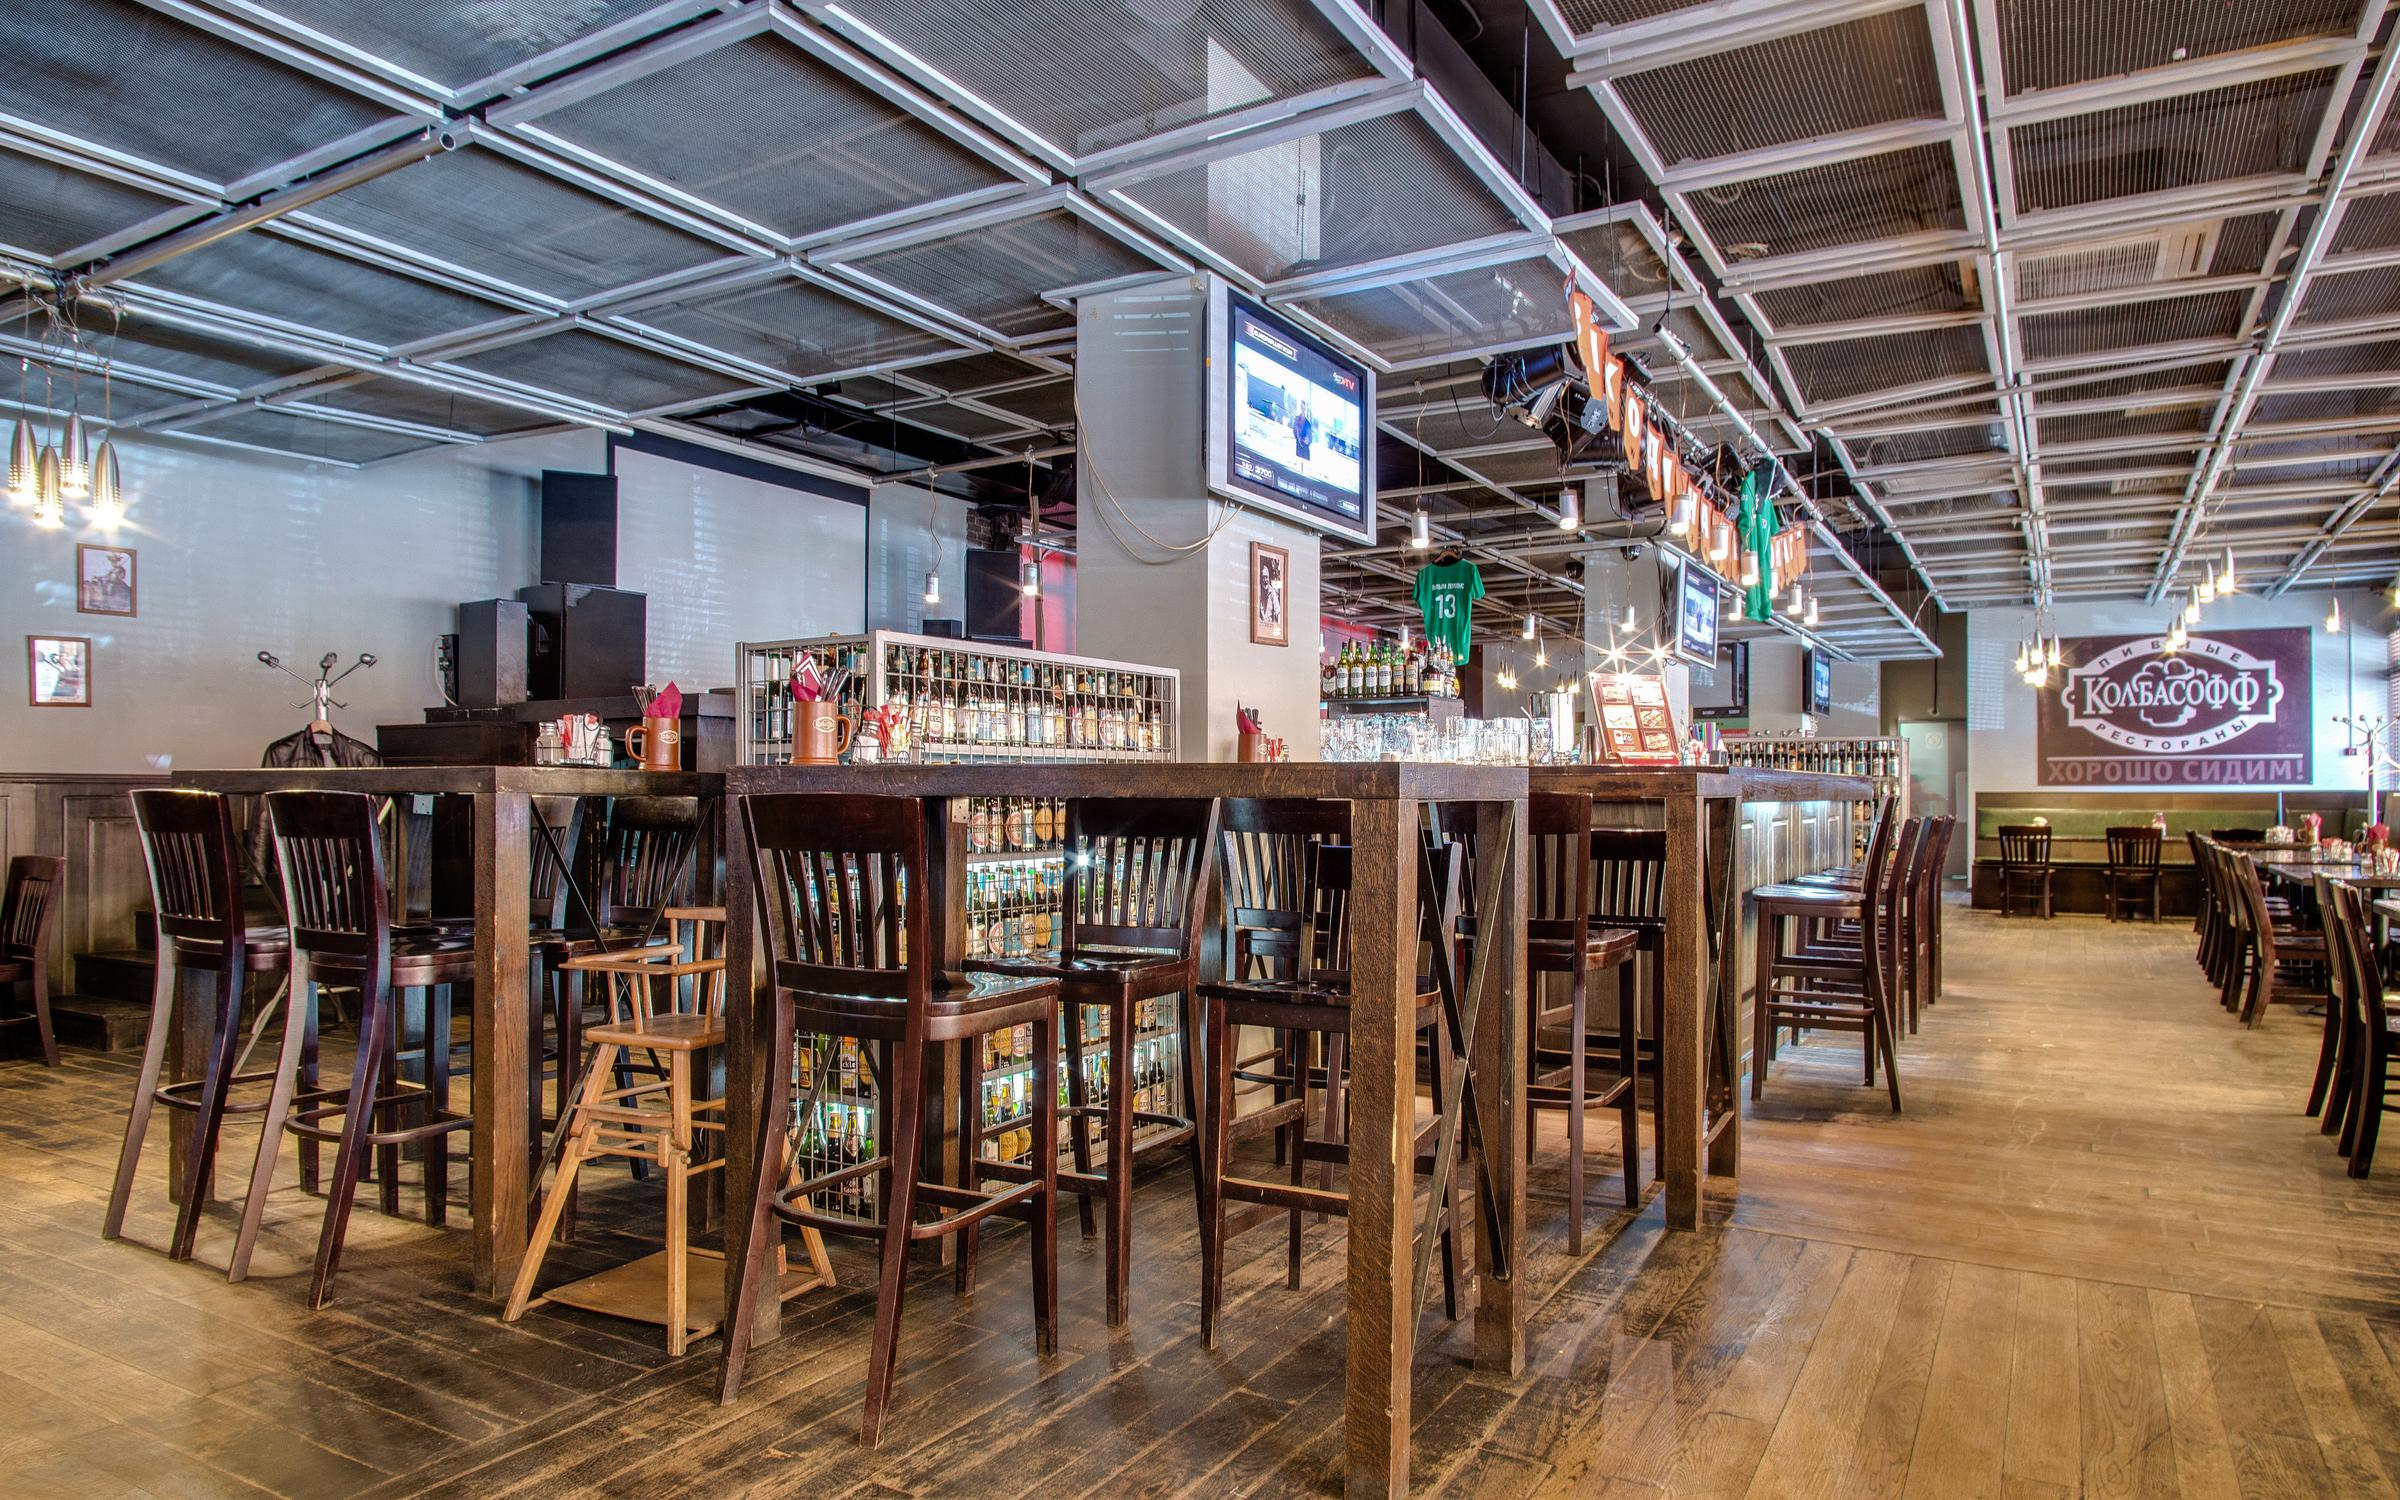 фотография Ресторана Колбасофф на Симферопольском бульваре